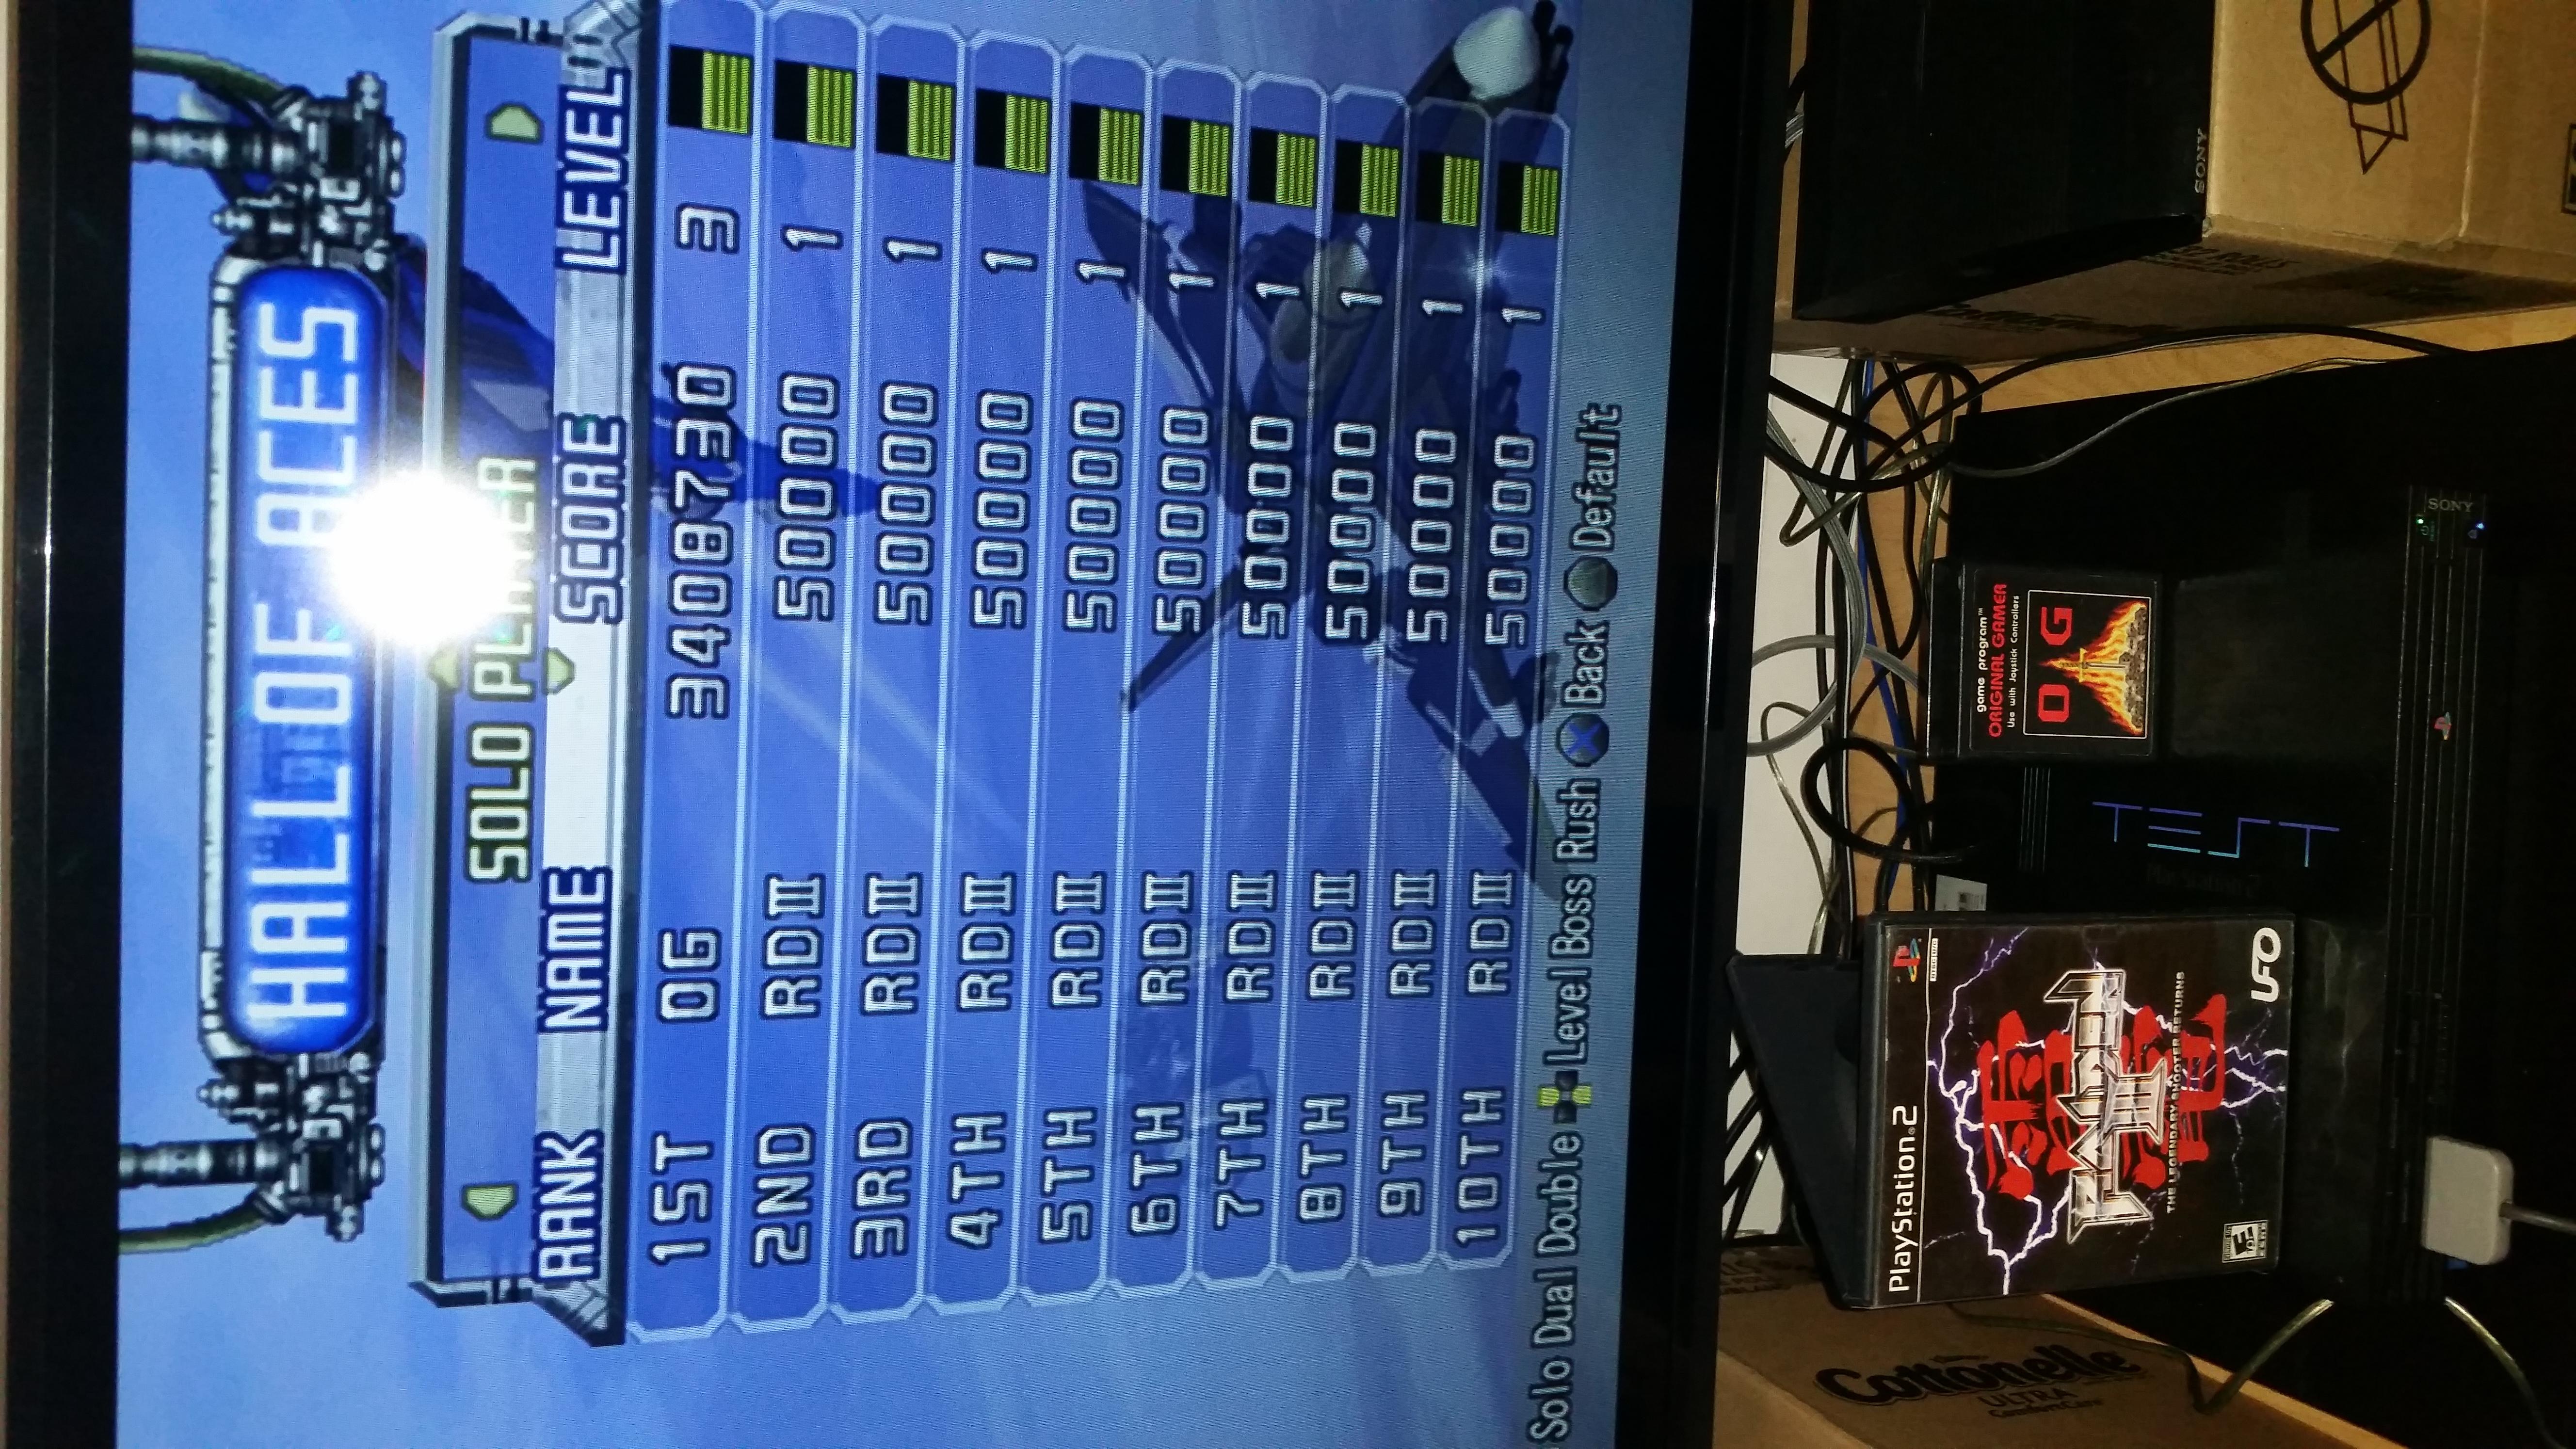 OriginalGamer: Raiden III [Normal/3 Lives/3 Bomb Stock] (Playstation 2) 3,408,730 points on 2015-10-22 18:57:12